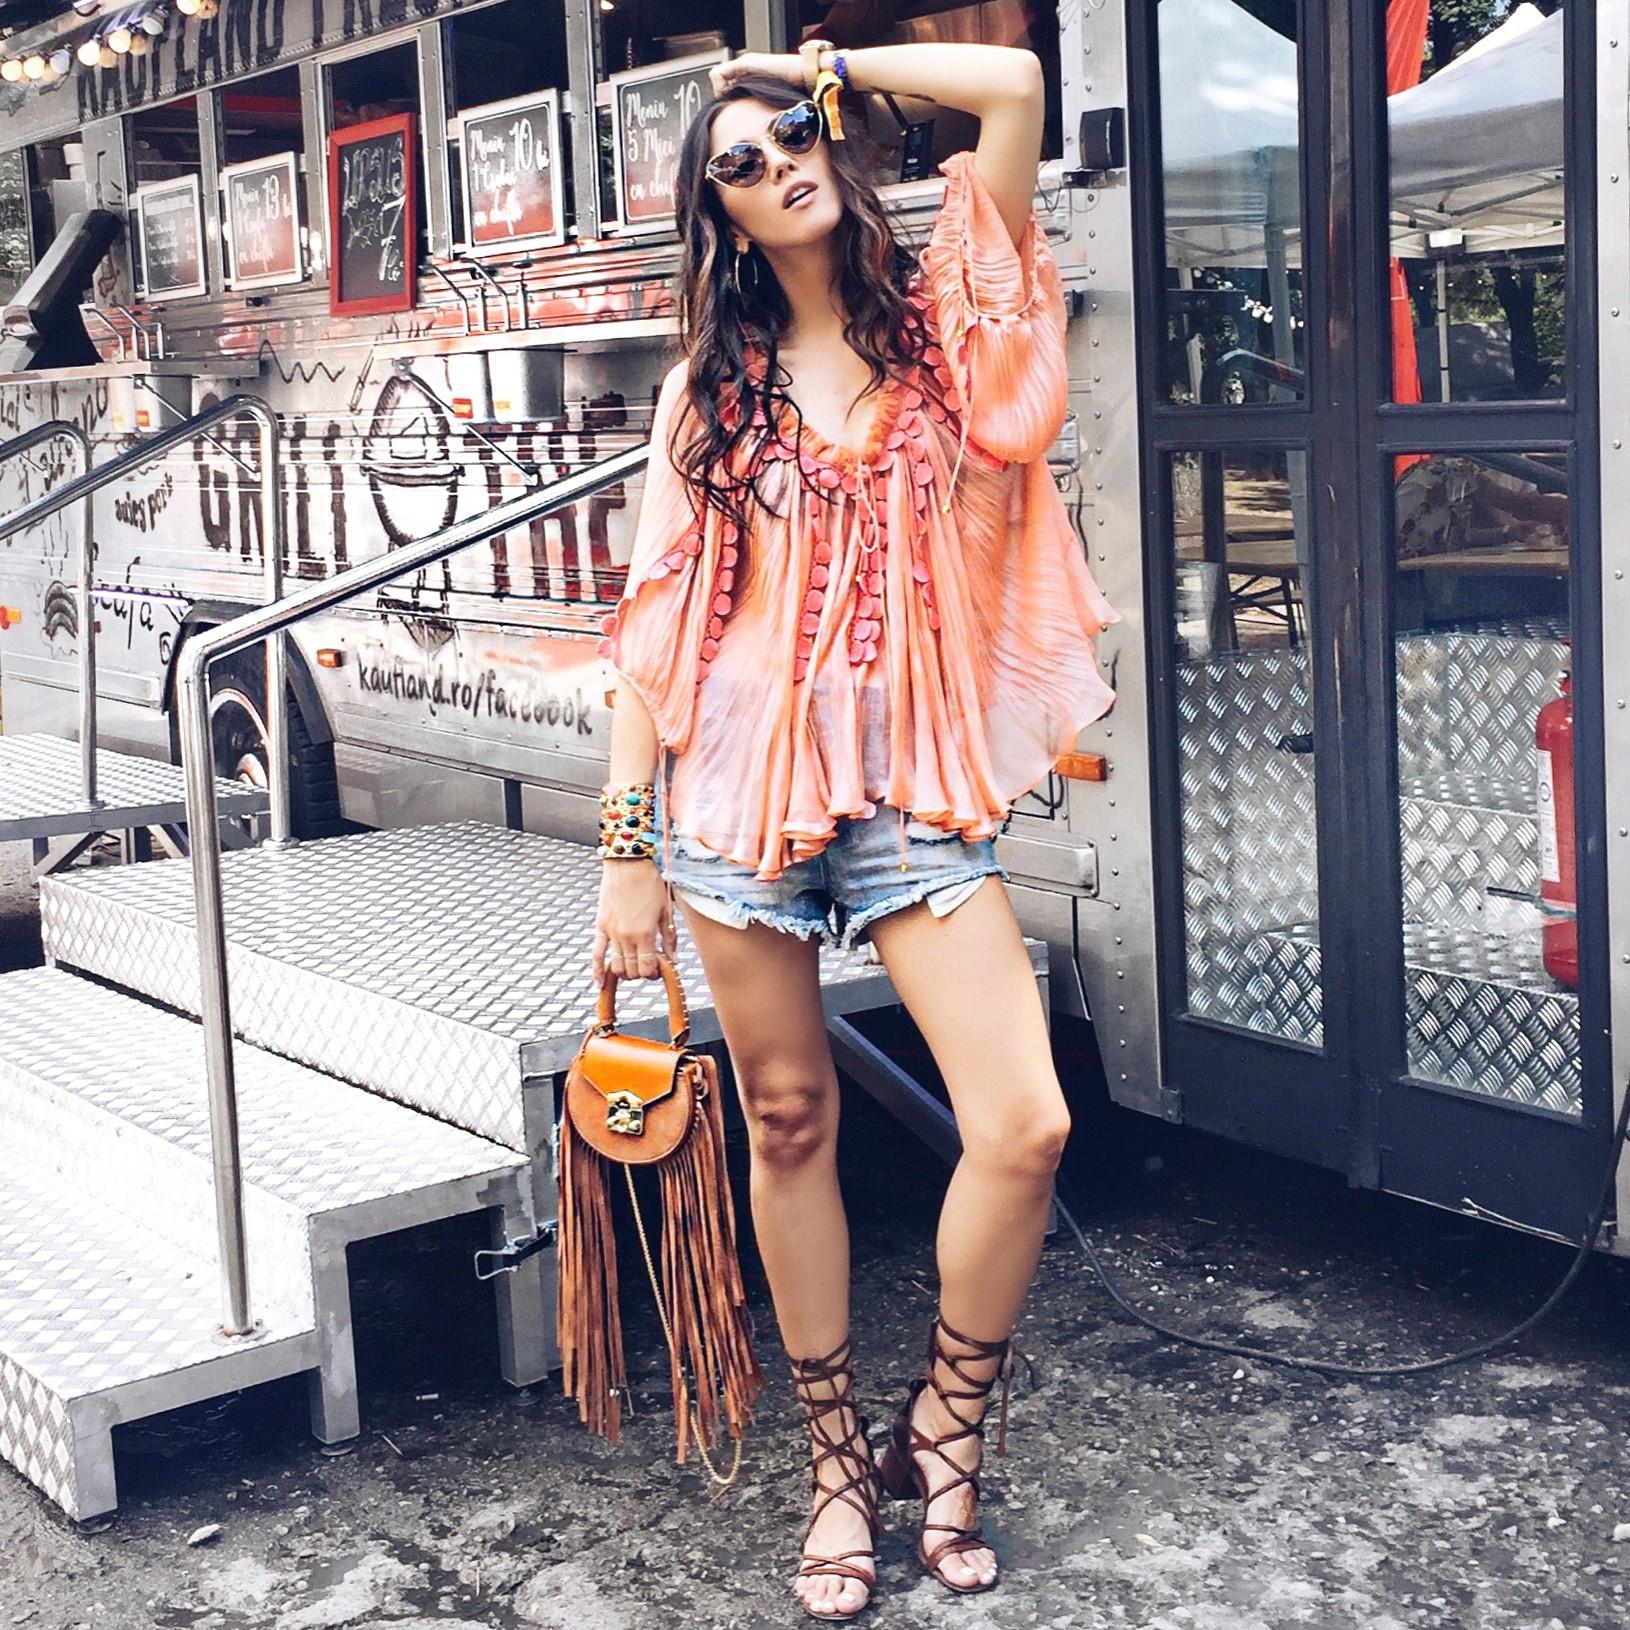 13best_instagram_photos_2017_fabulous_muses_diana_enciu_alina_tanasa